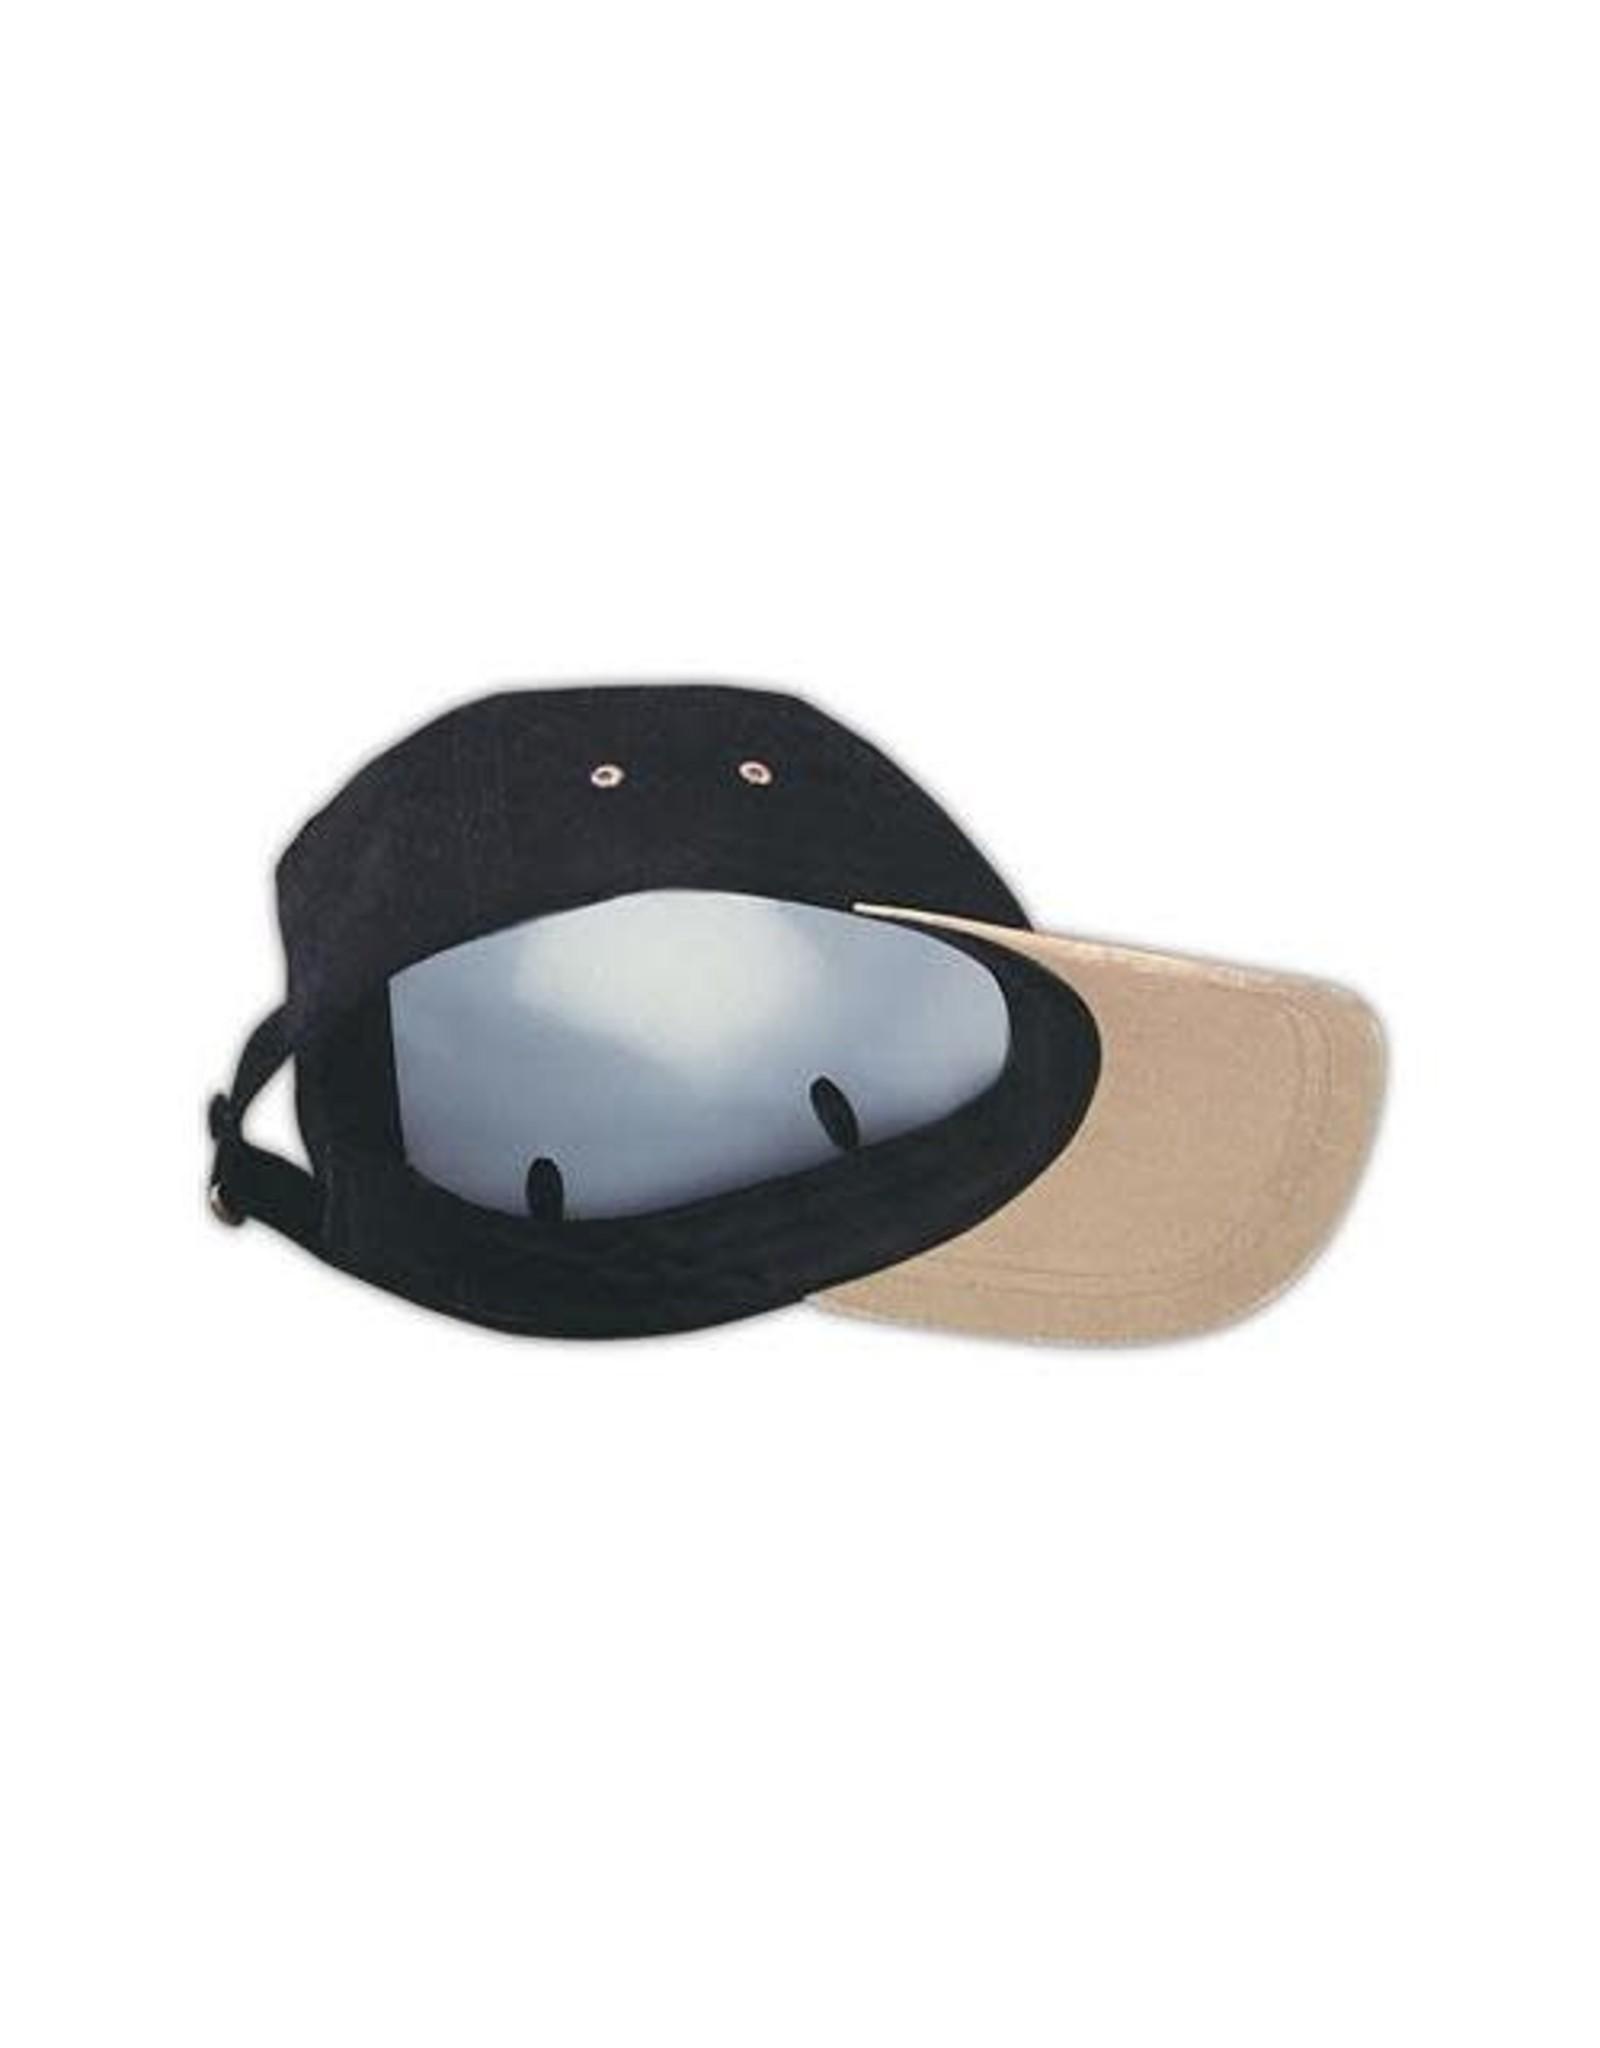 Honeywell Protective Shell Insert for Baseball Cap Polyethylene White